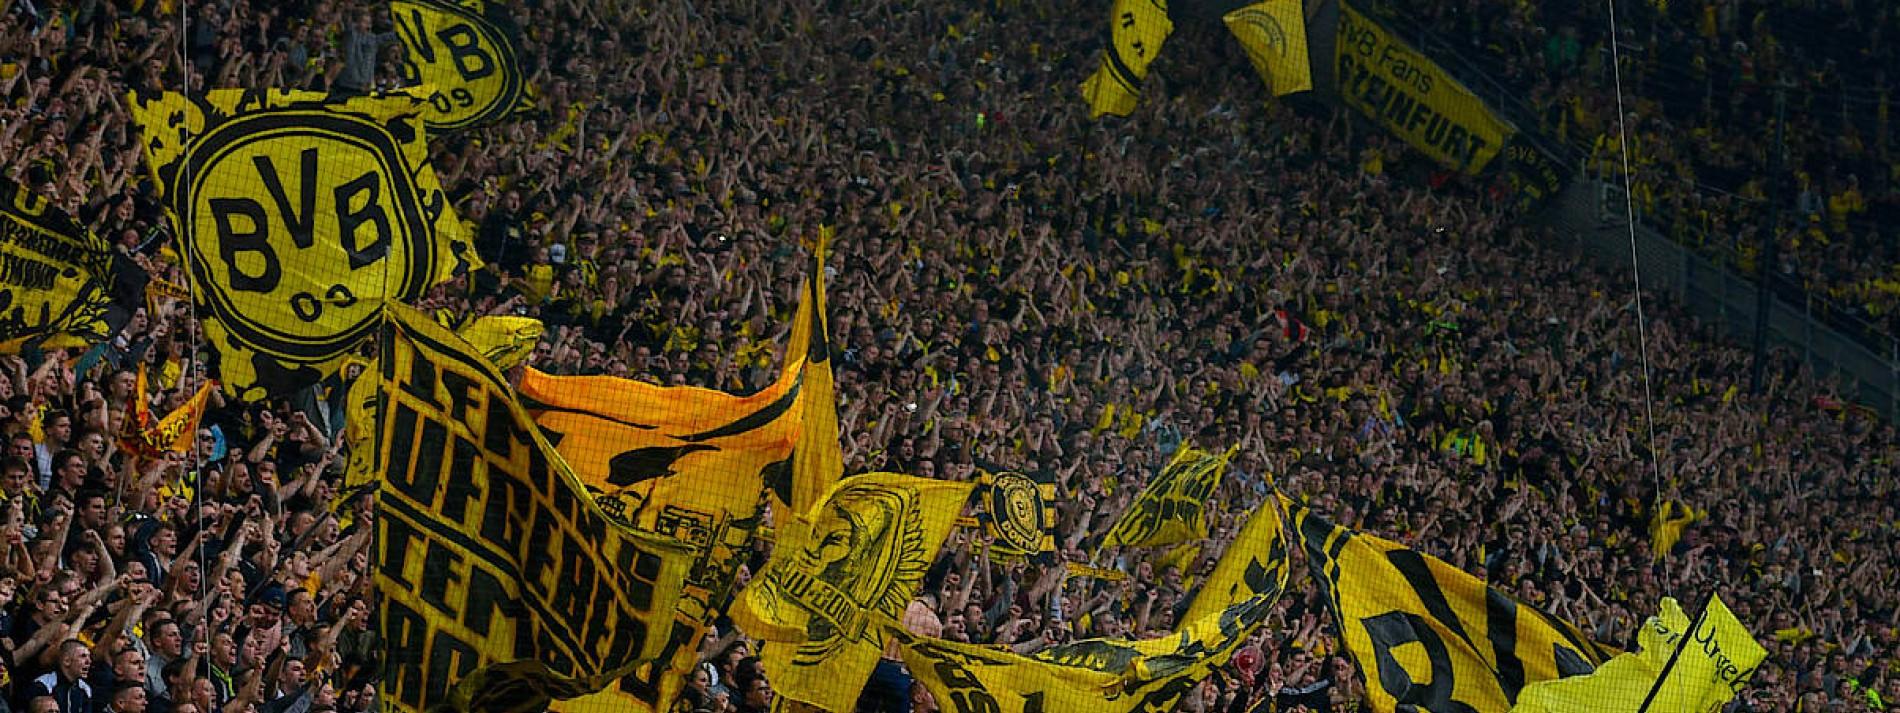 Zuschauerzahlen Der Bundesliga Im Europaischen Vergleich